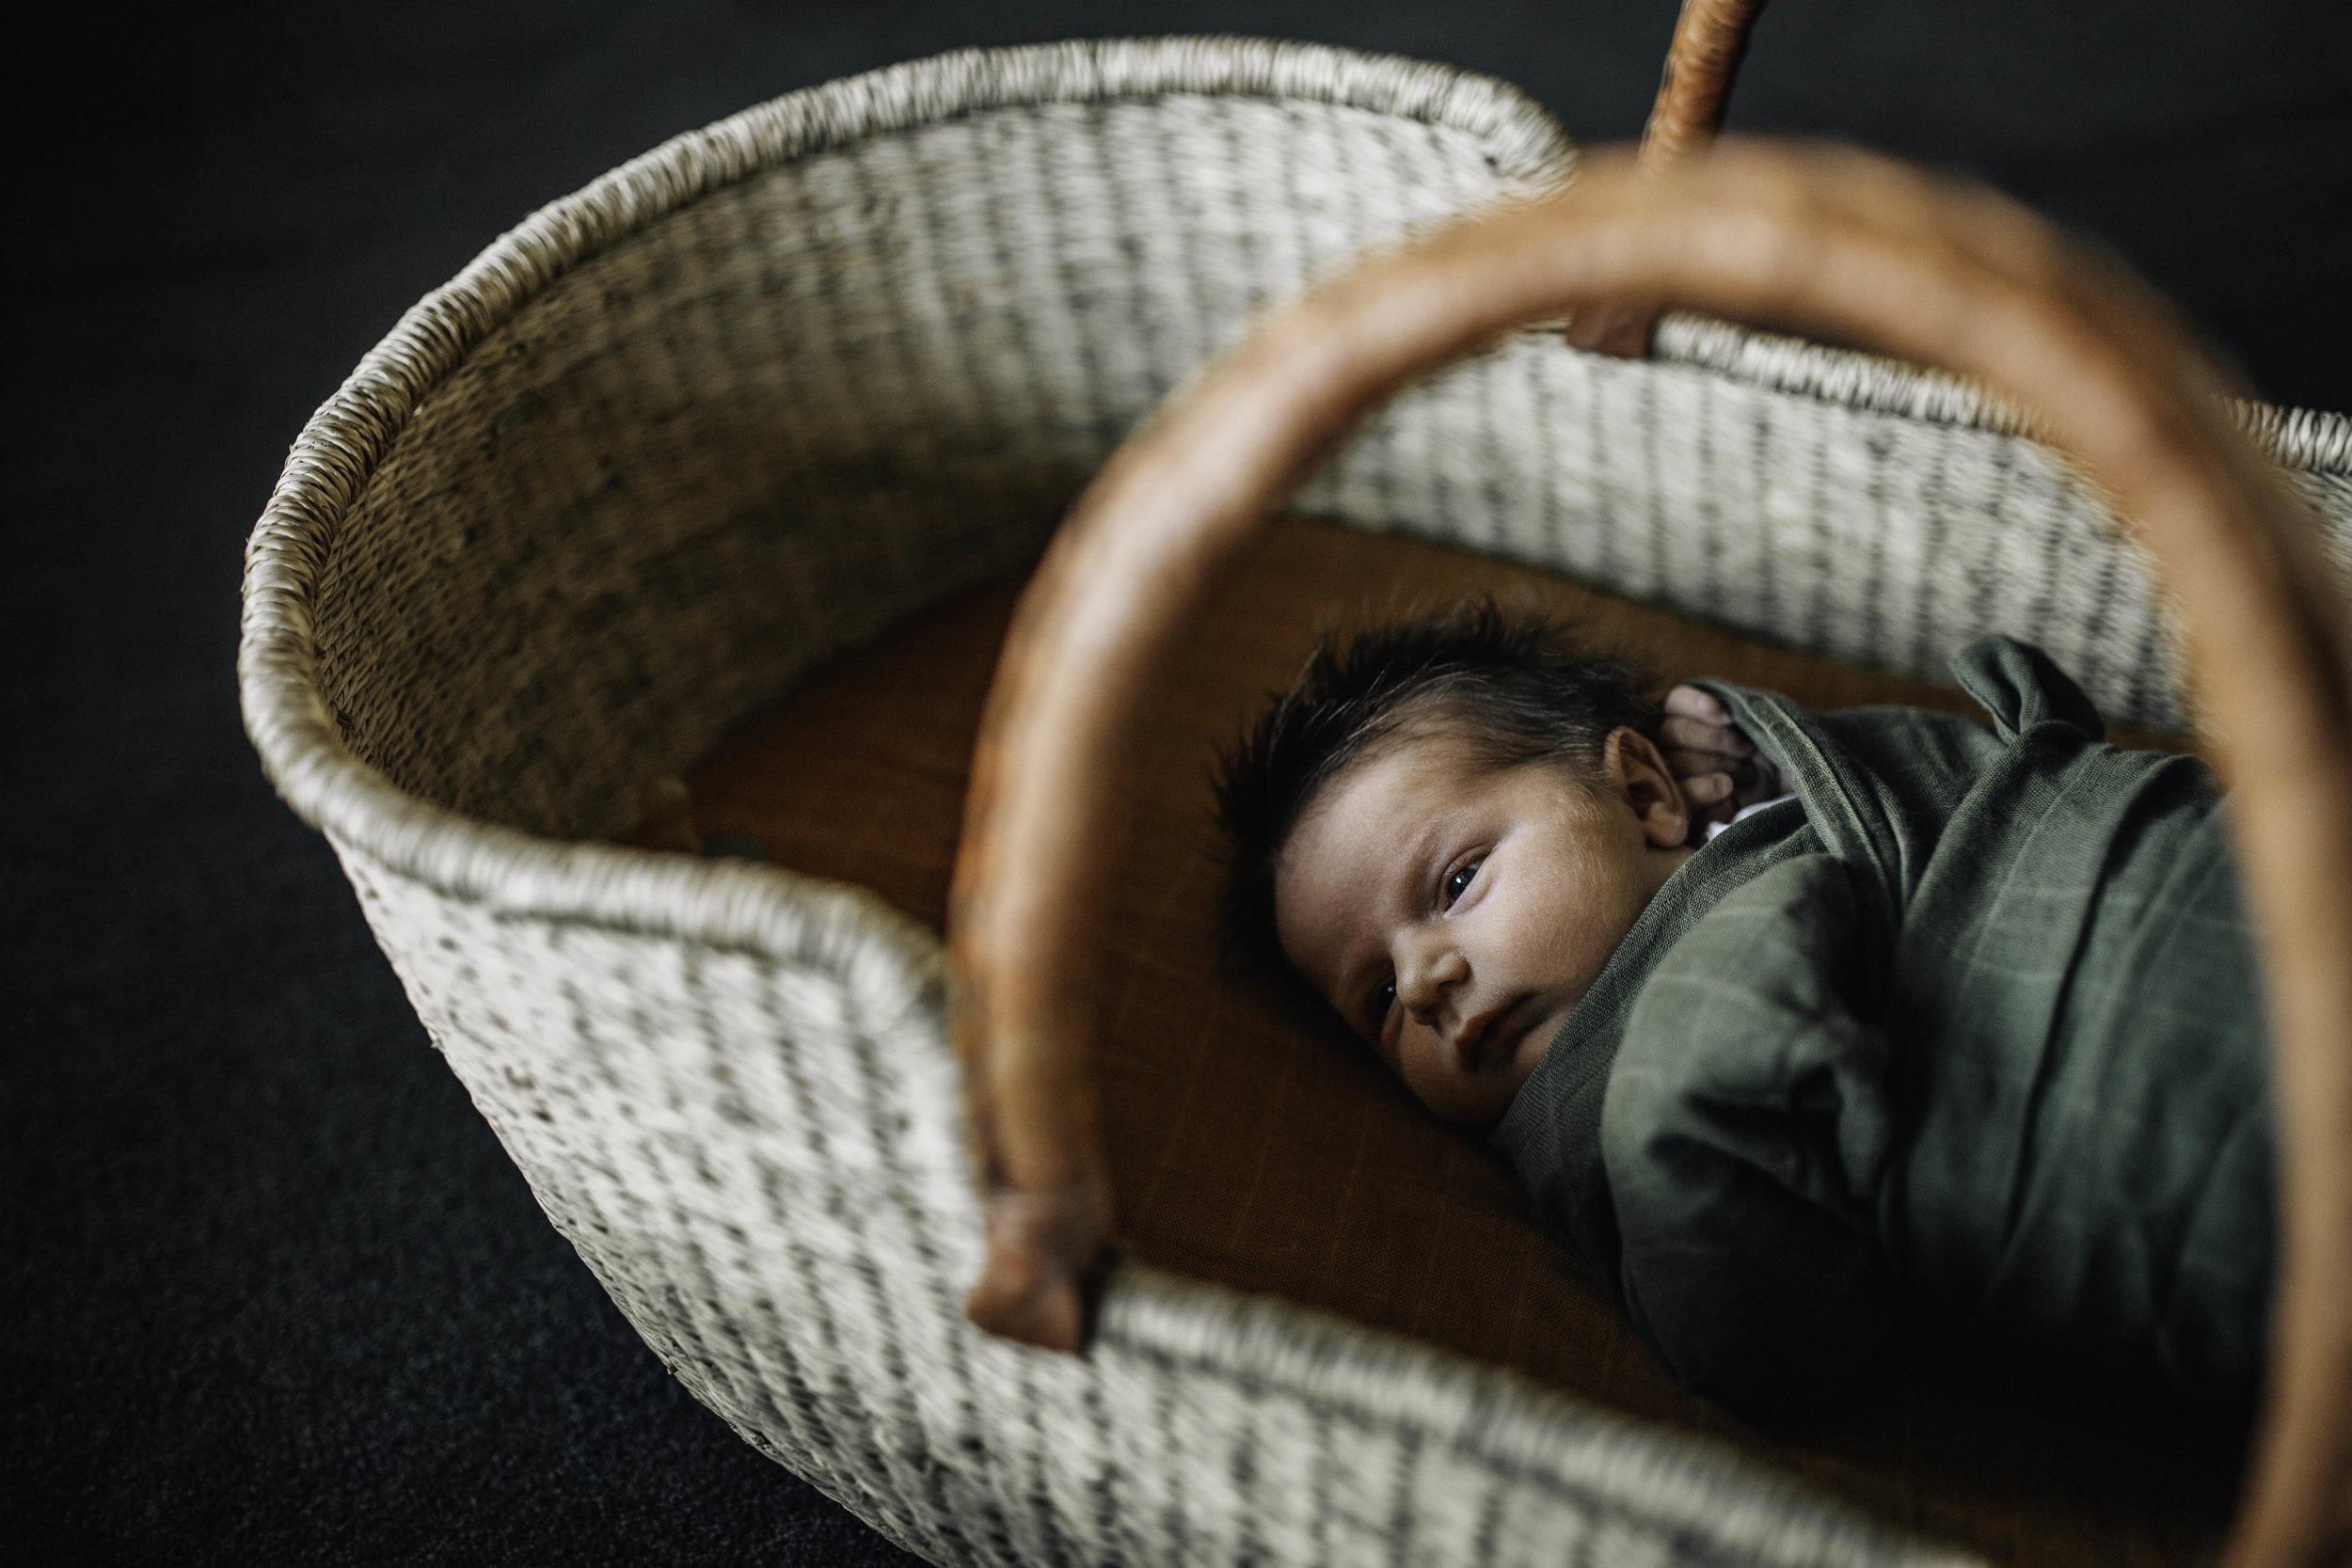 baby-in-basket-I.jpg